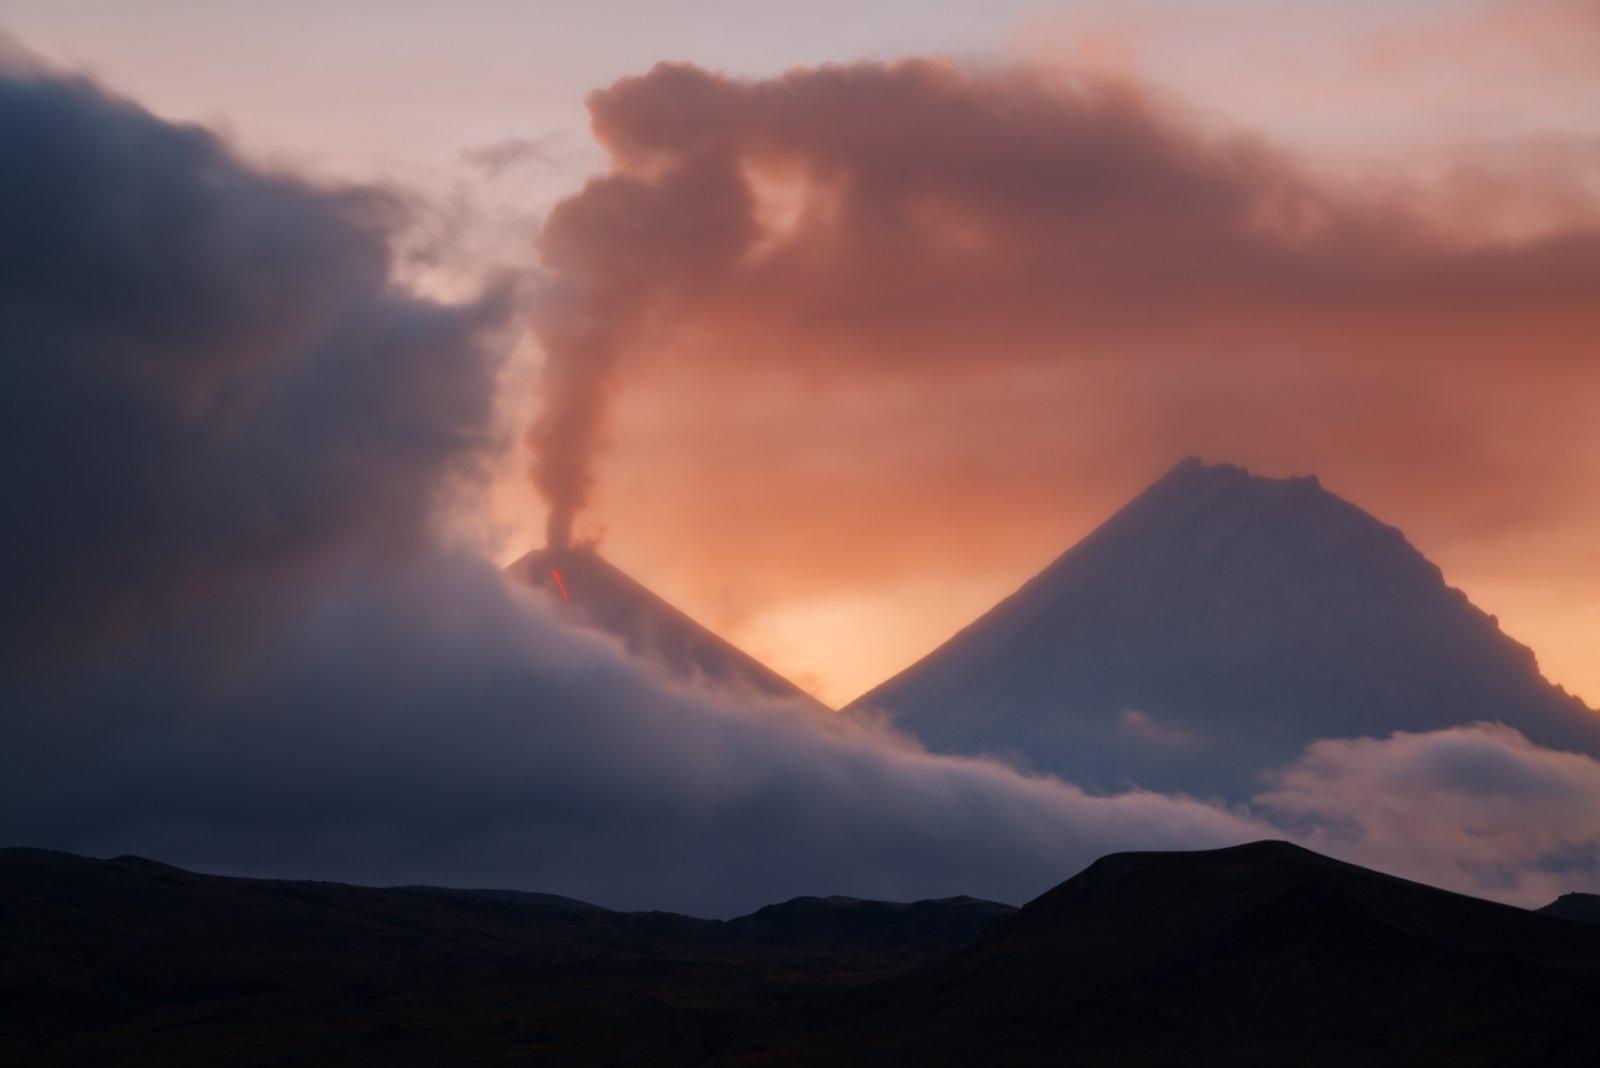 Вулкан, Дальний восток, Закат, Извержение, Камчатка, Пейзаж, Россия, Вадим Балакин